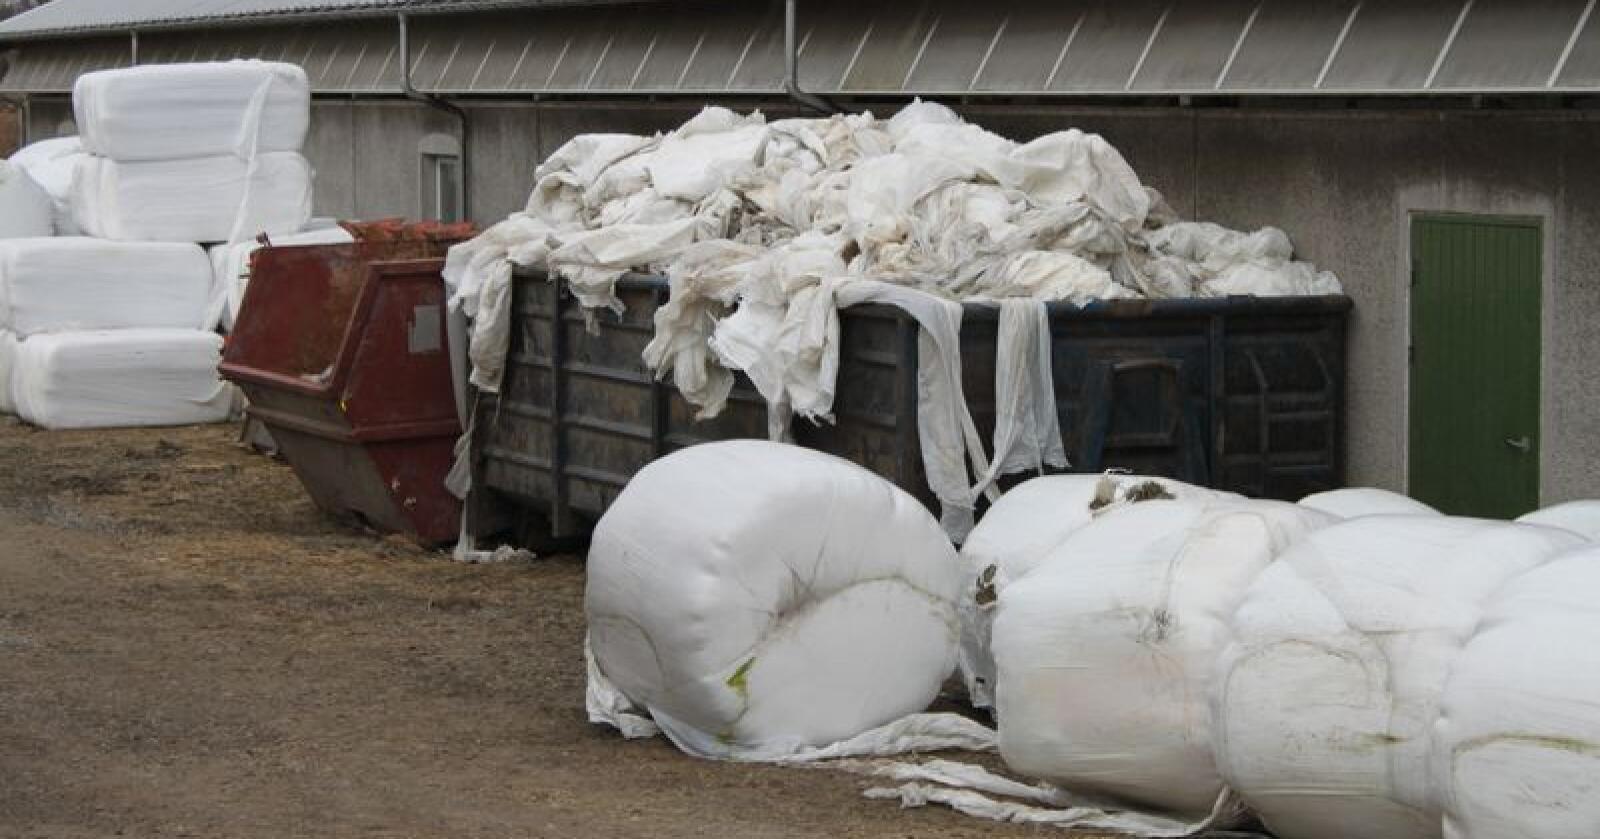 Landbruket bruker mye plast til rundballene. Heldigvis blir det aller meste brukt om igjen i andre produkter. (Arkivfoto)